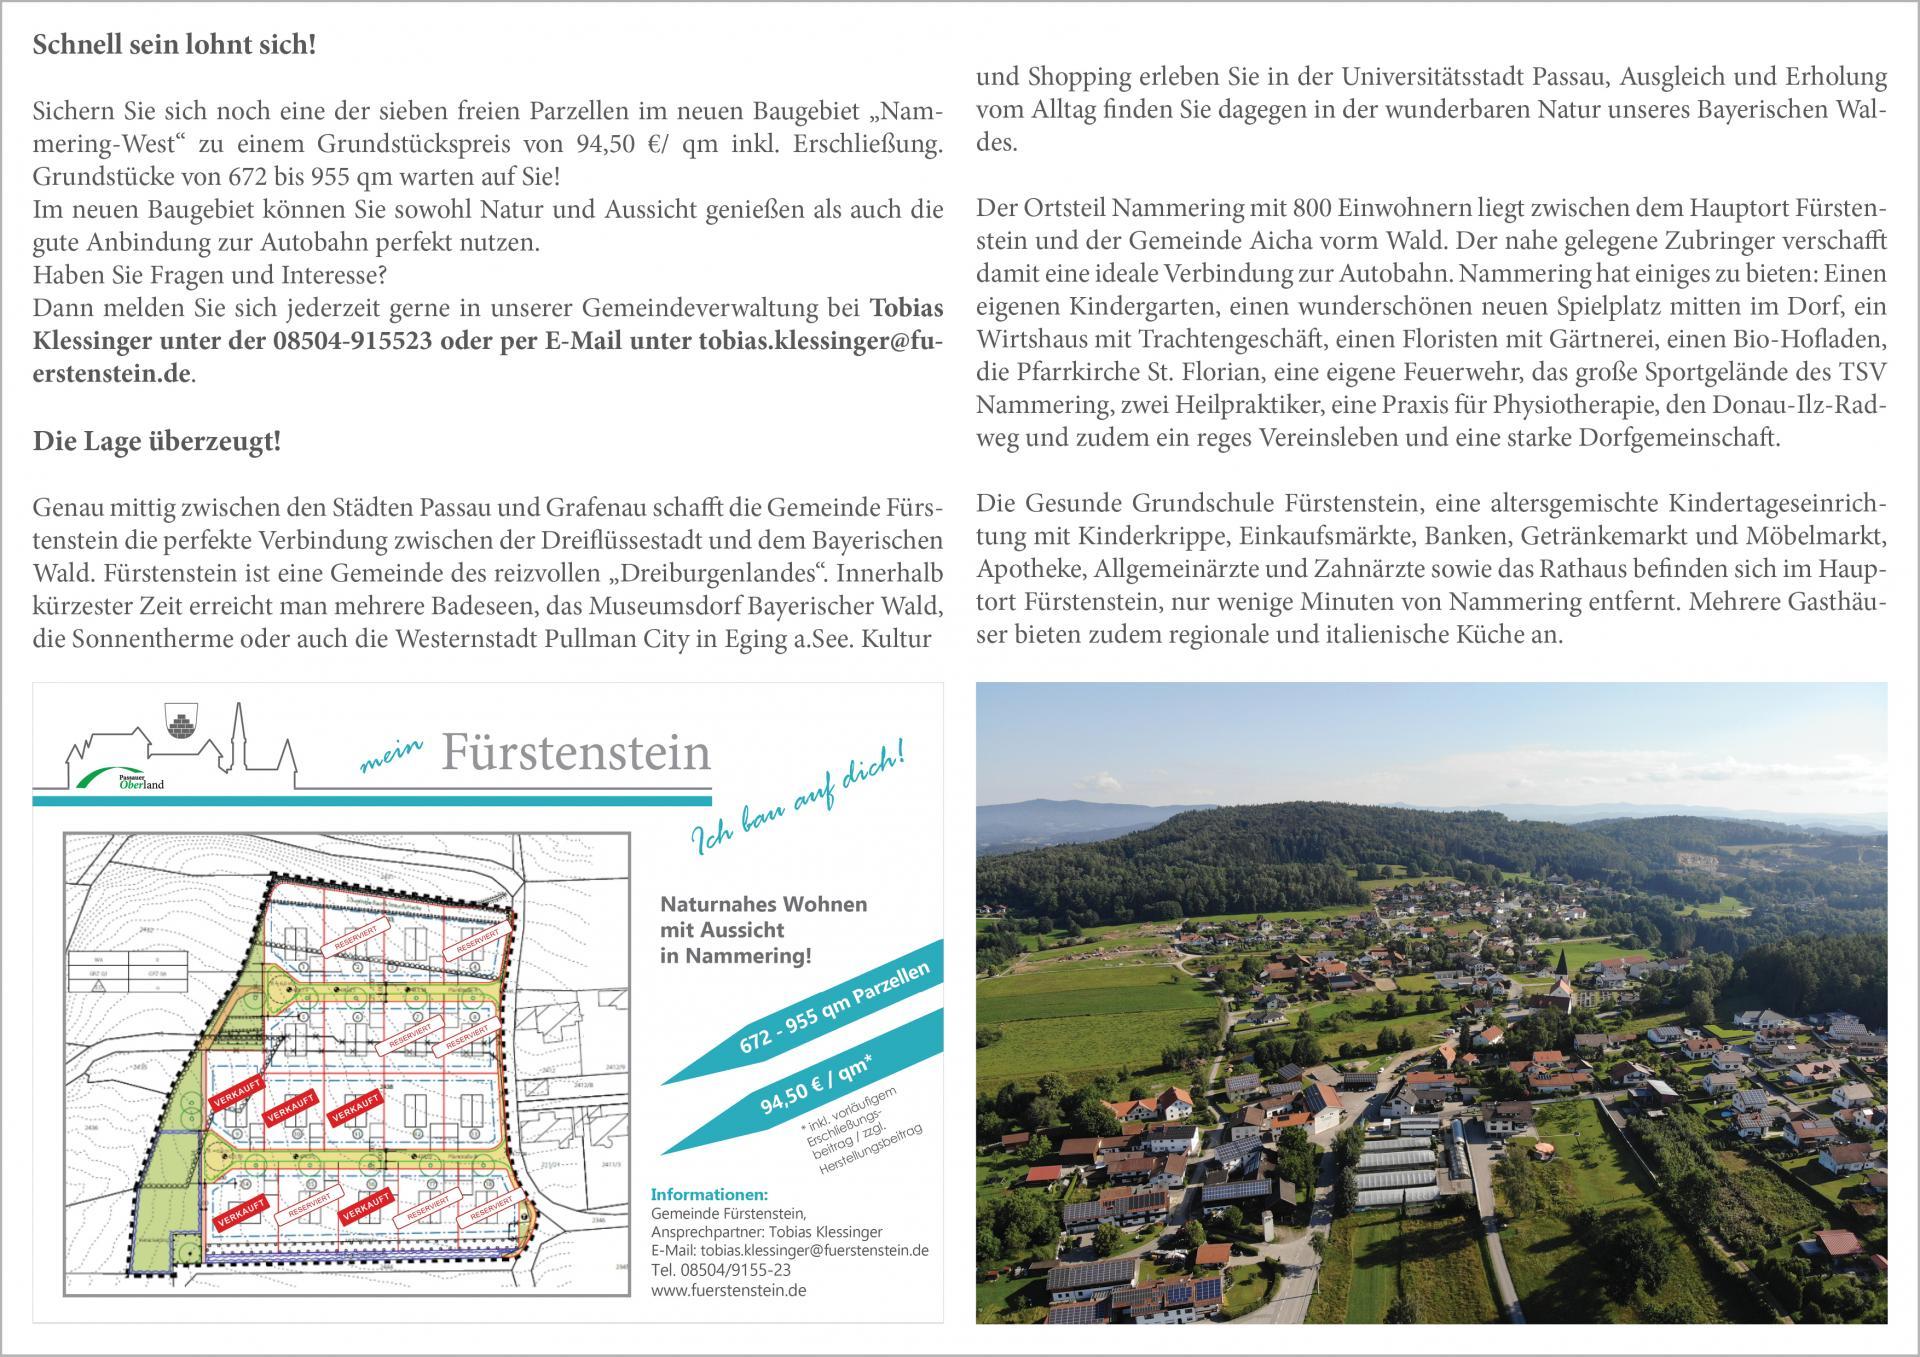 Baugebiet Nammering West